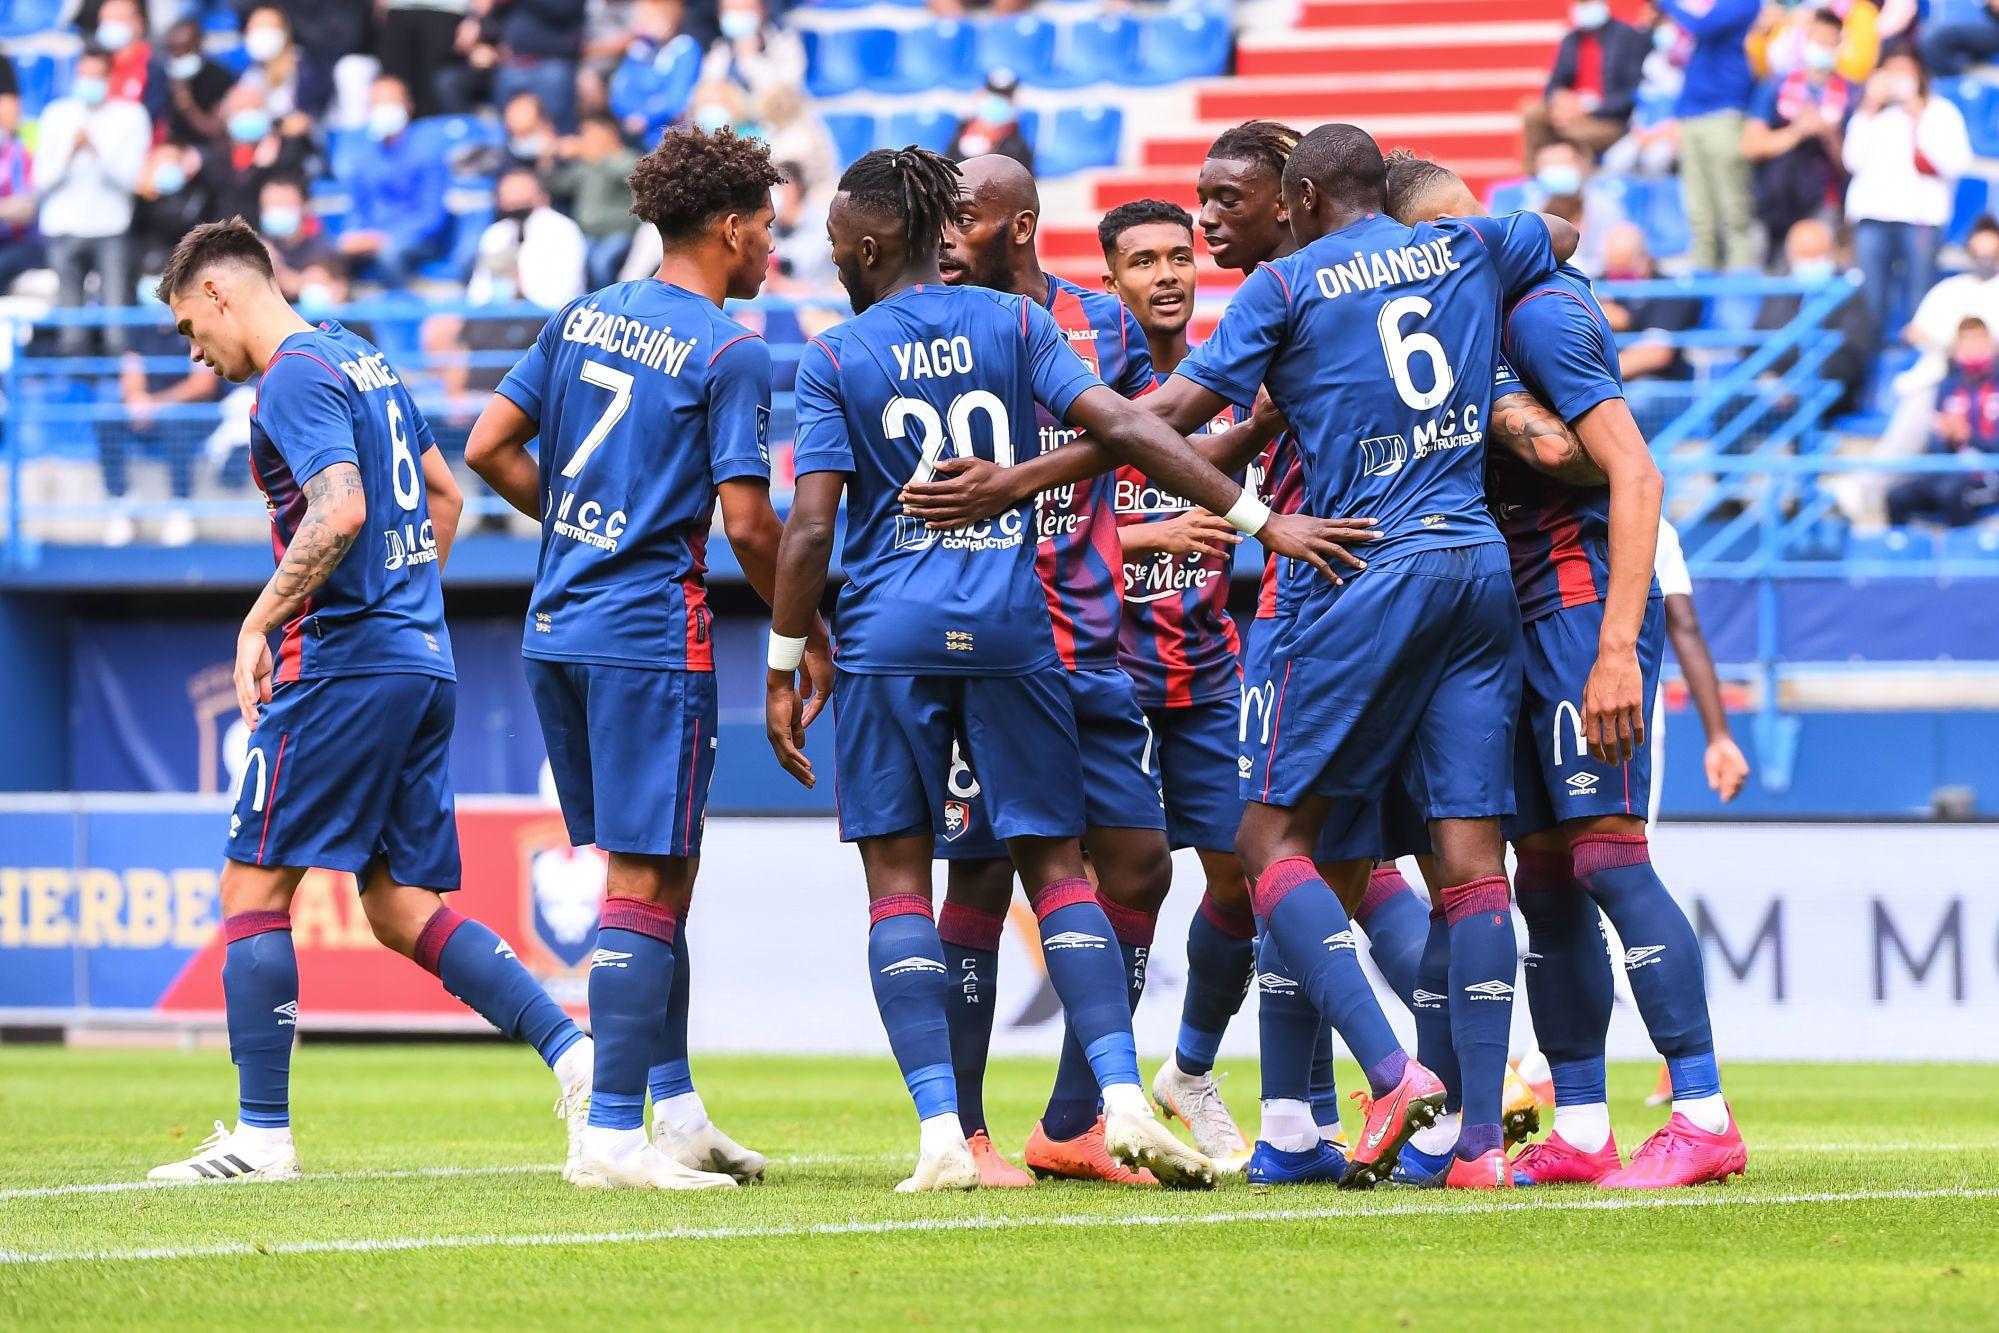 Des retrouvailles enthousiastes et trois points : revivez Caen-Ajaccio en tweets